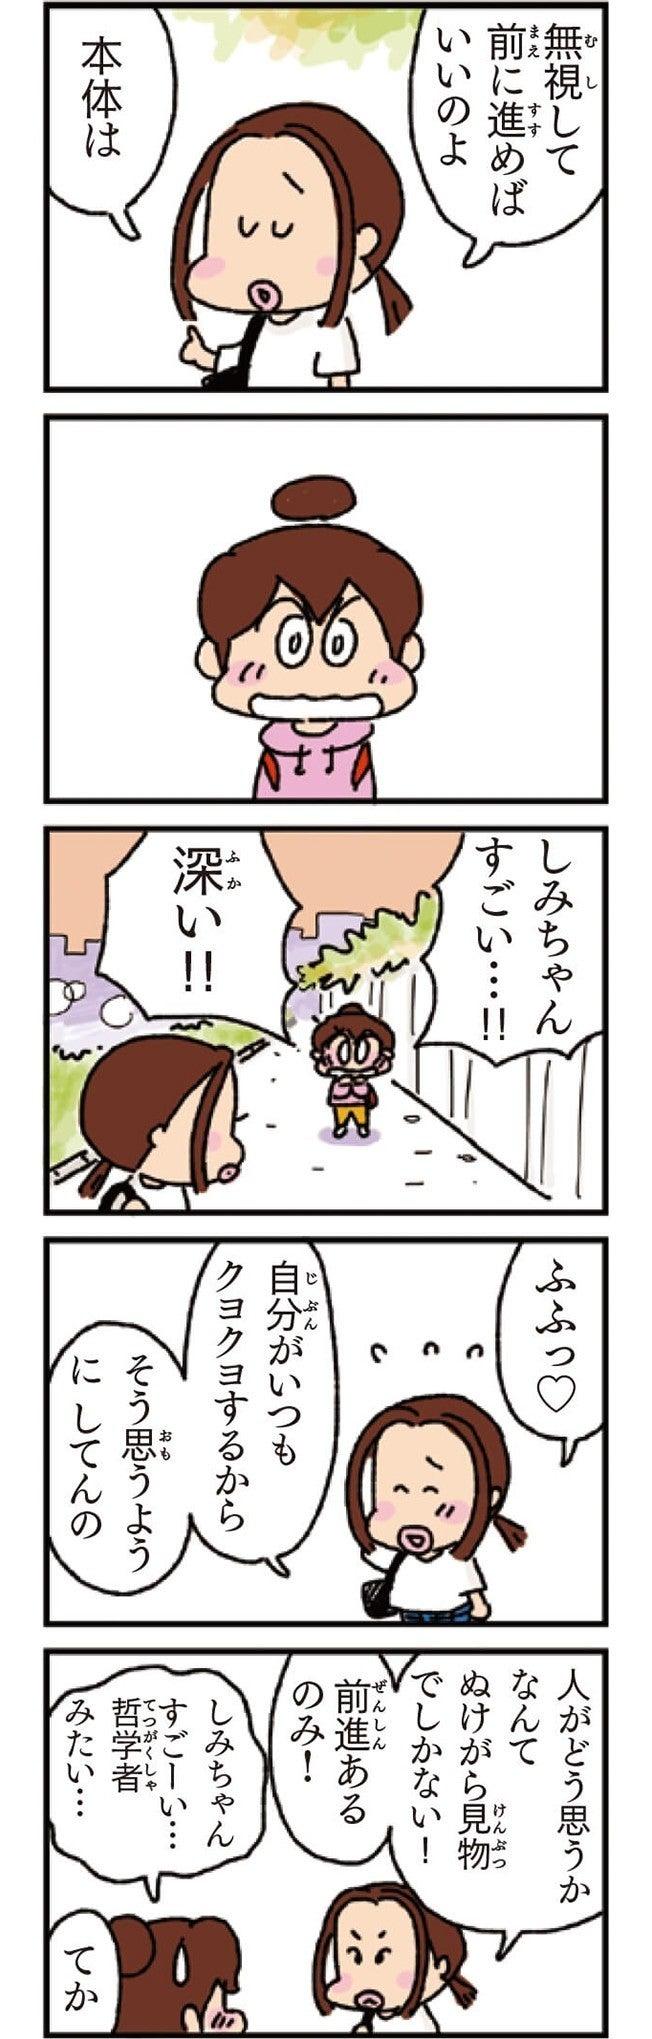 あたし ン ち しみ ちゃん しみちゃん - あたしンちのキャラクター レビューン漫画